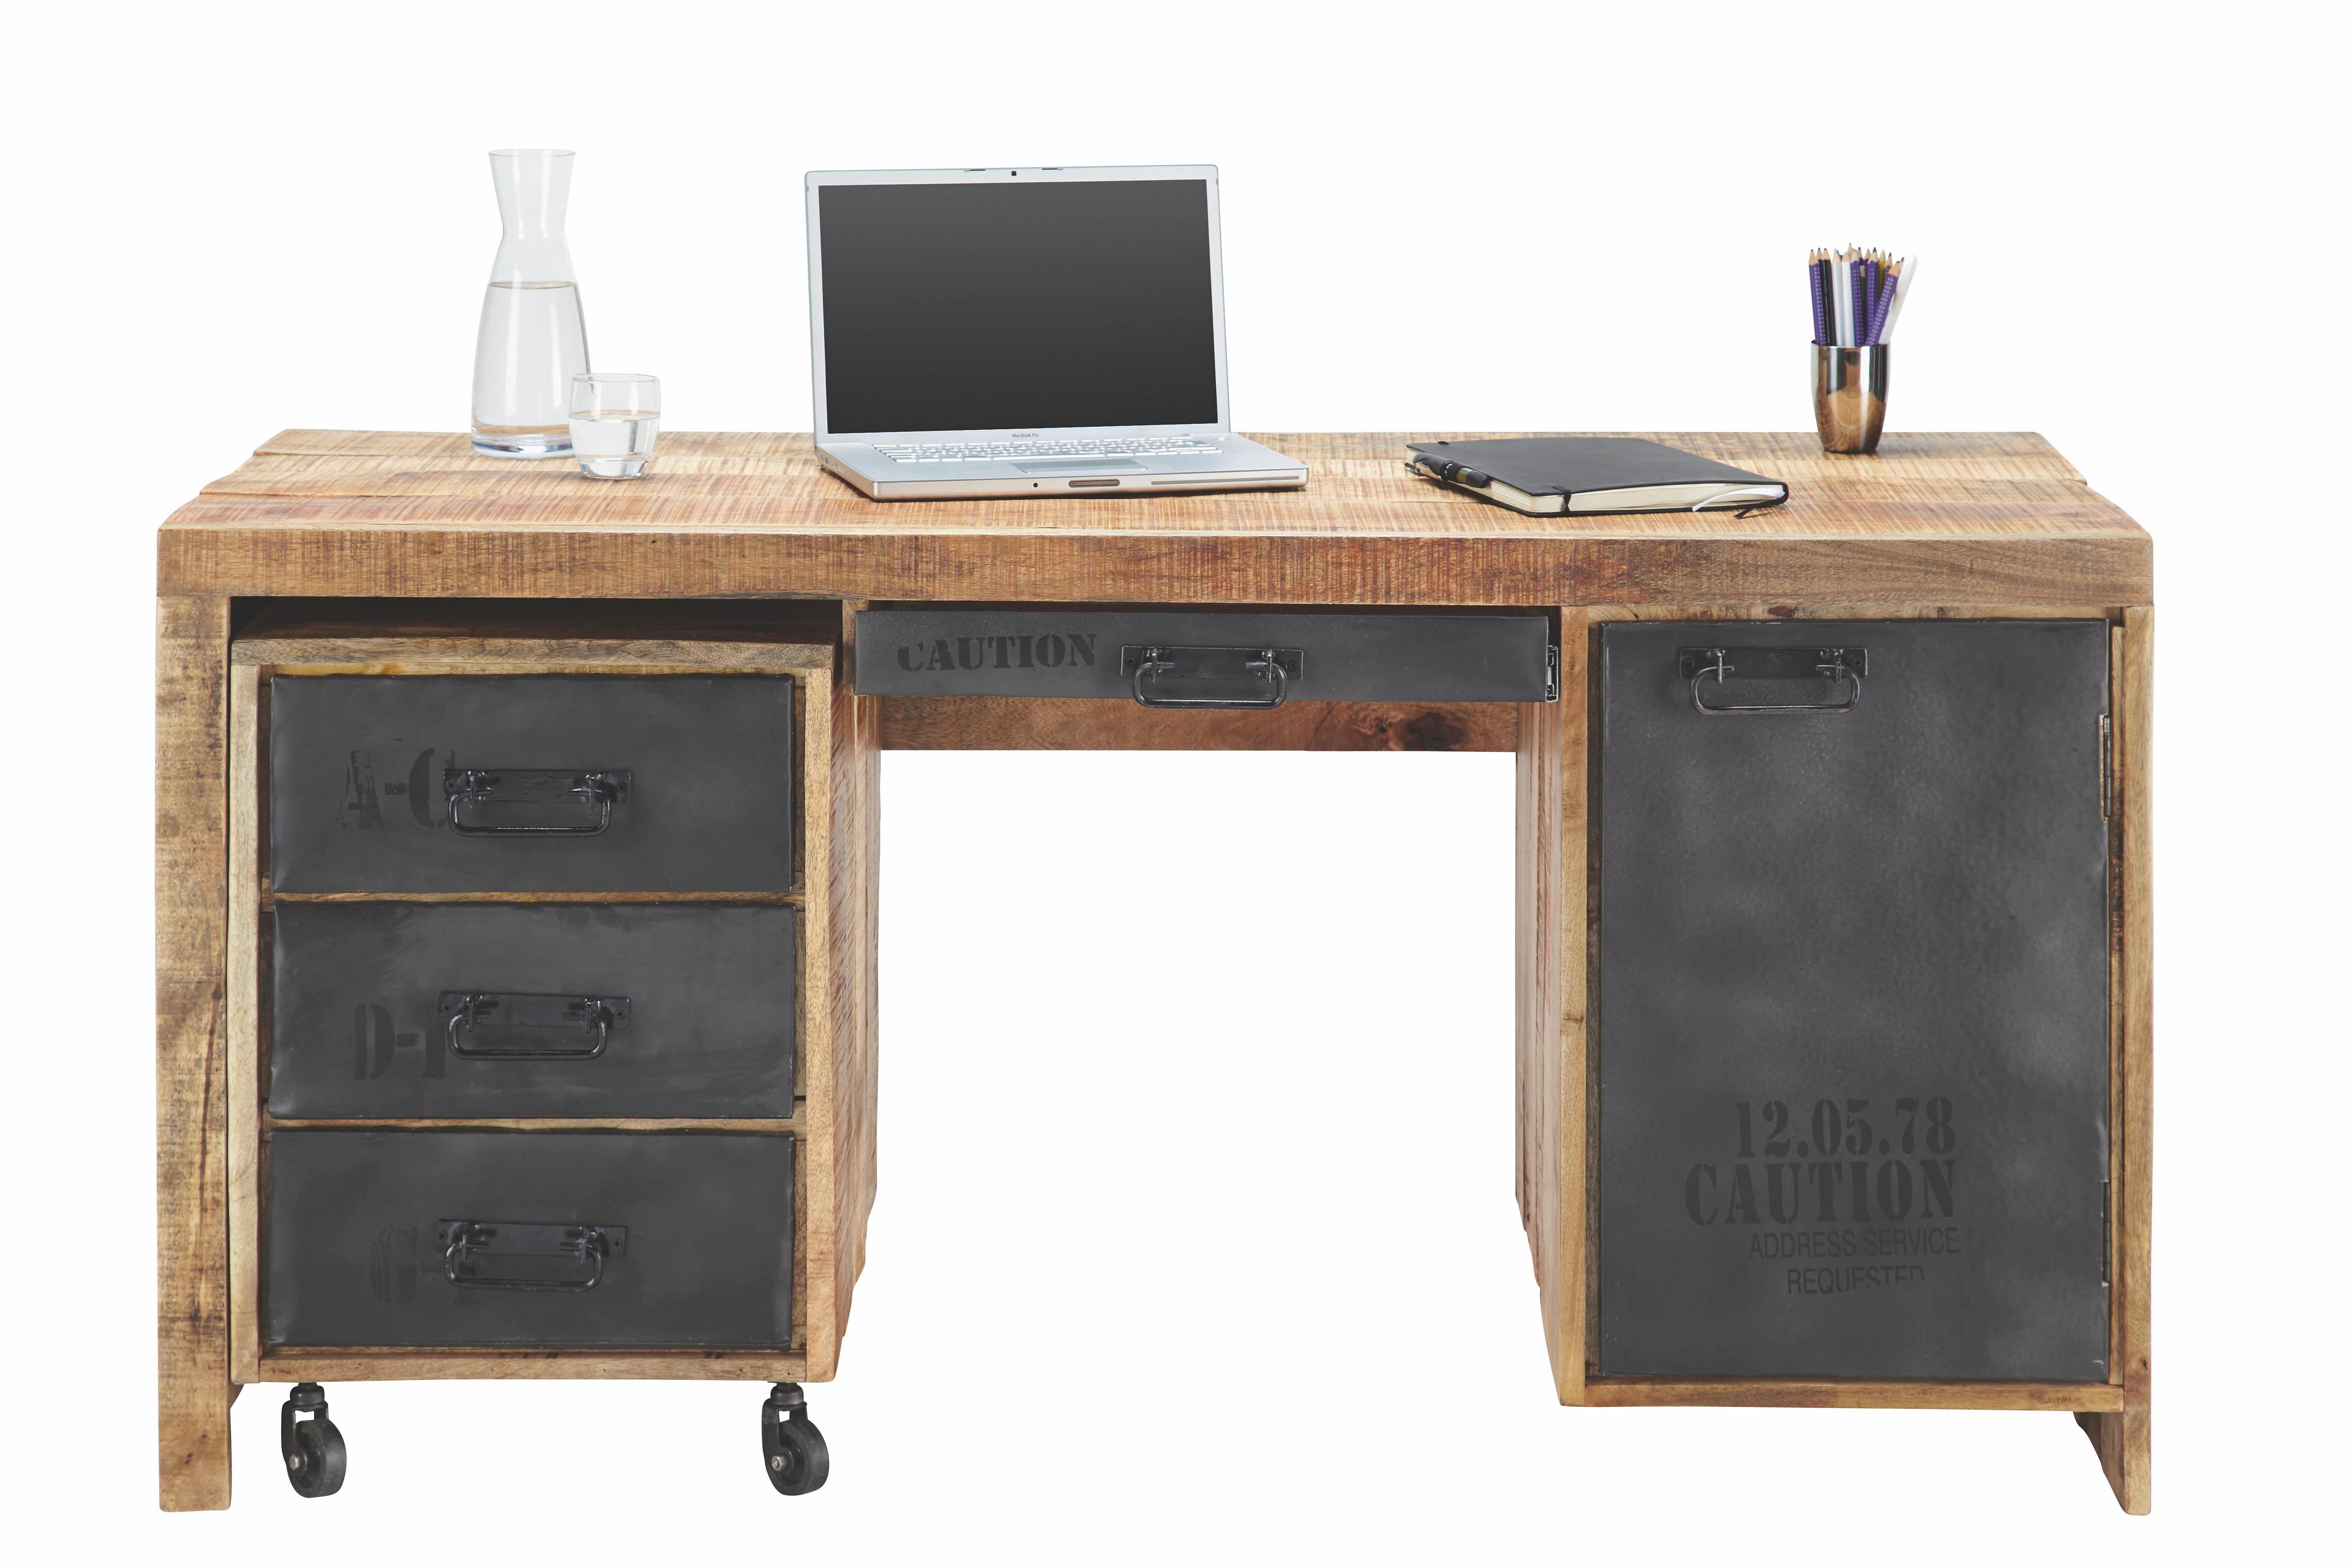 Schreibtisch In Mango Massiv - LIFESTYLE, Holz (150/76/62cm) - PREMIUM LIVING